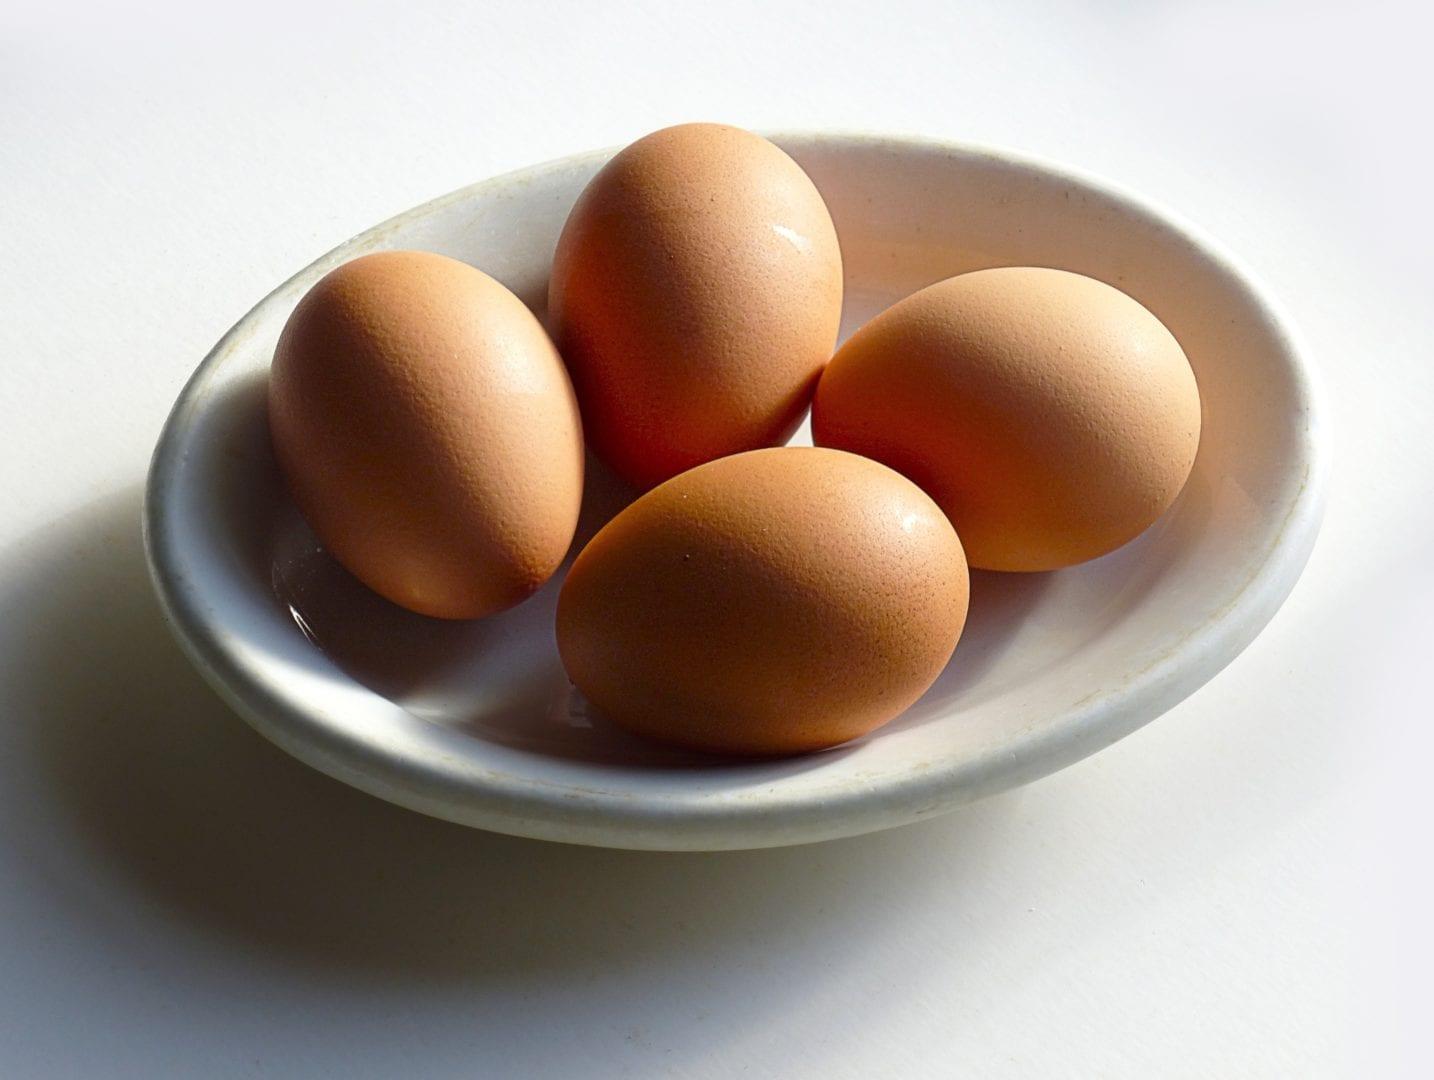 Eieren zijn goed voor je huid | eieren in een bakje